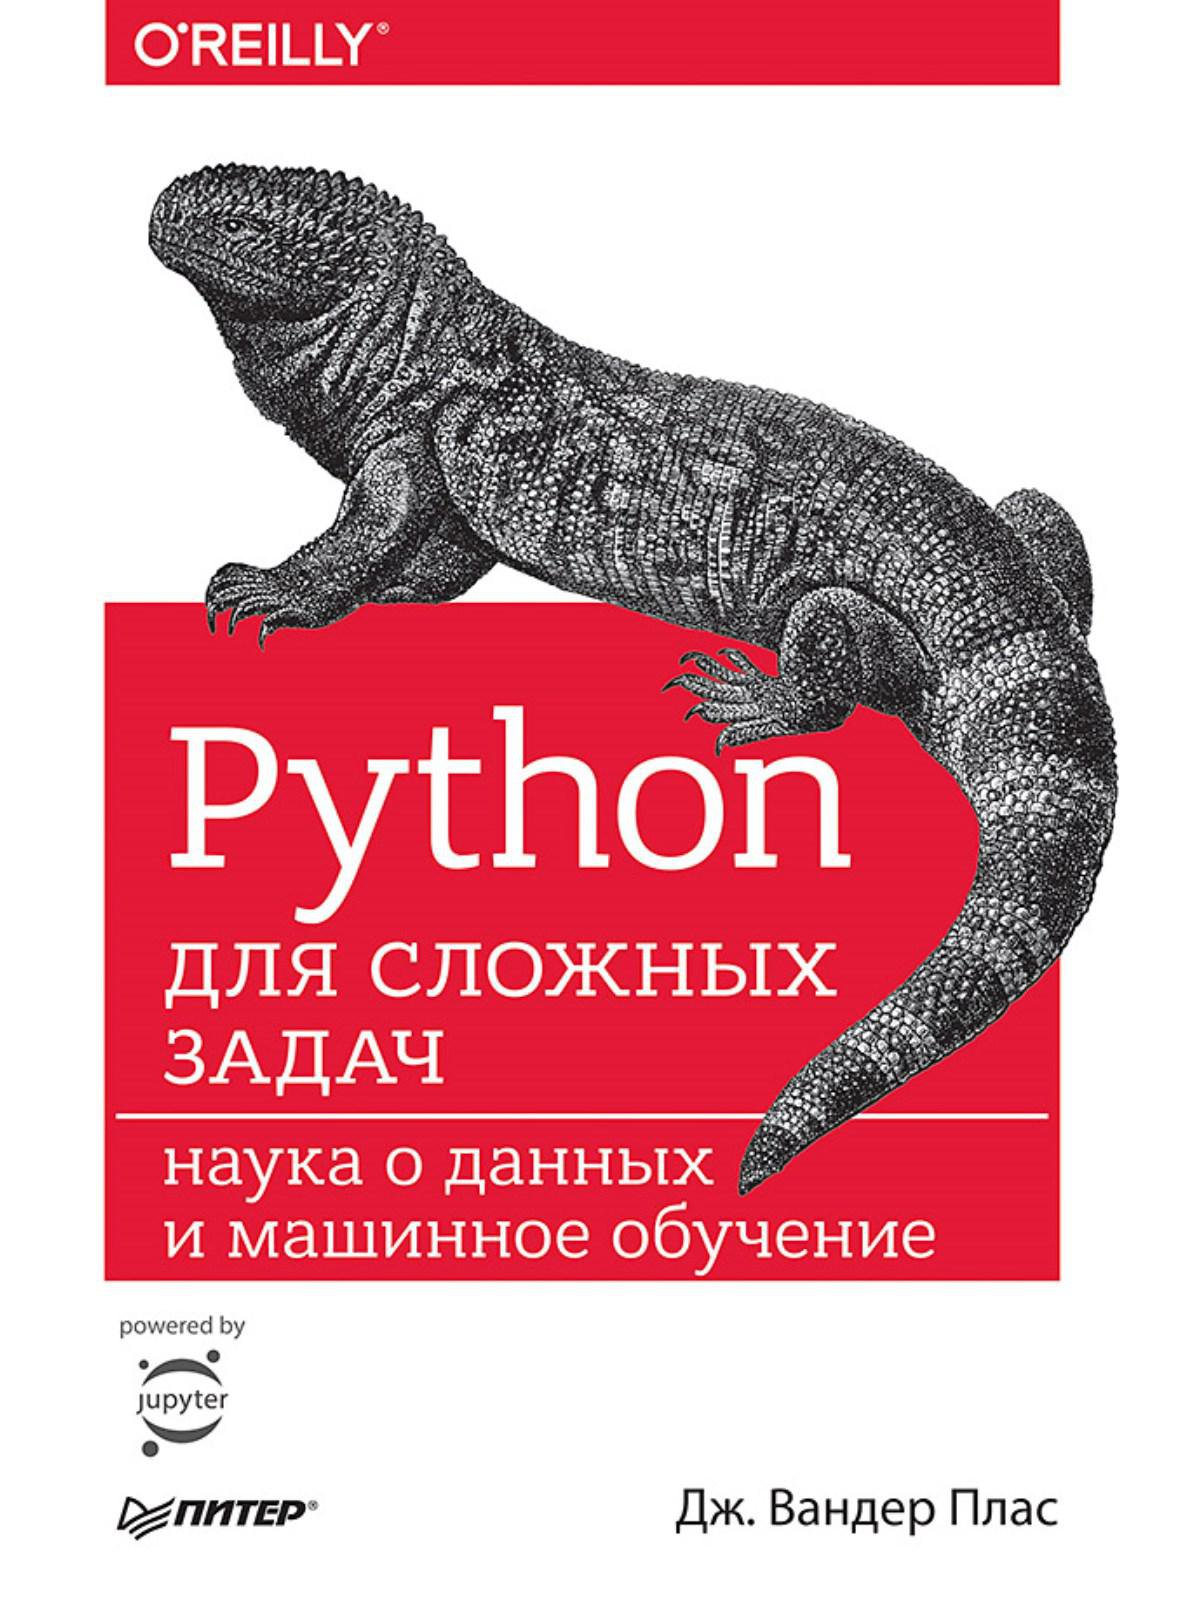 Плас Дж. Вандер Python для сложных задач: наука о данных и машинное обучение недорого